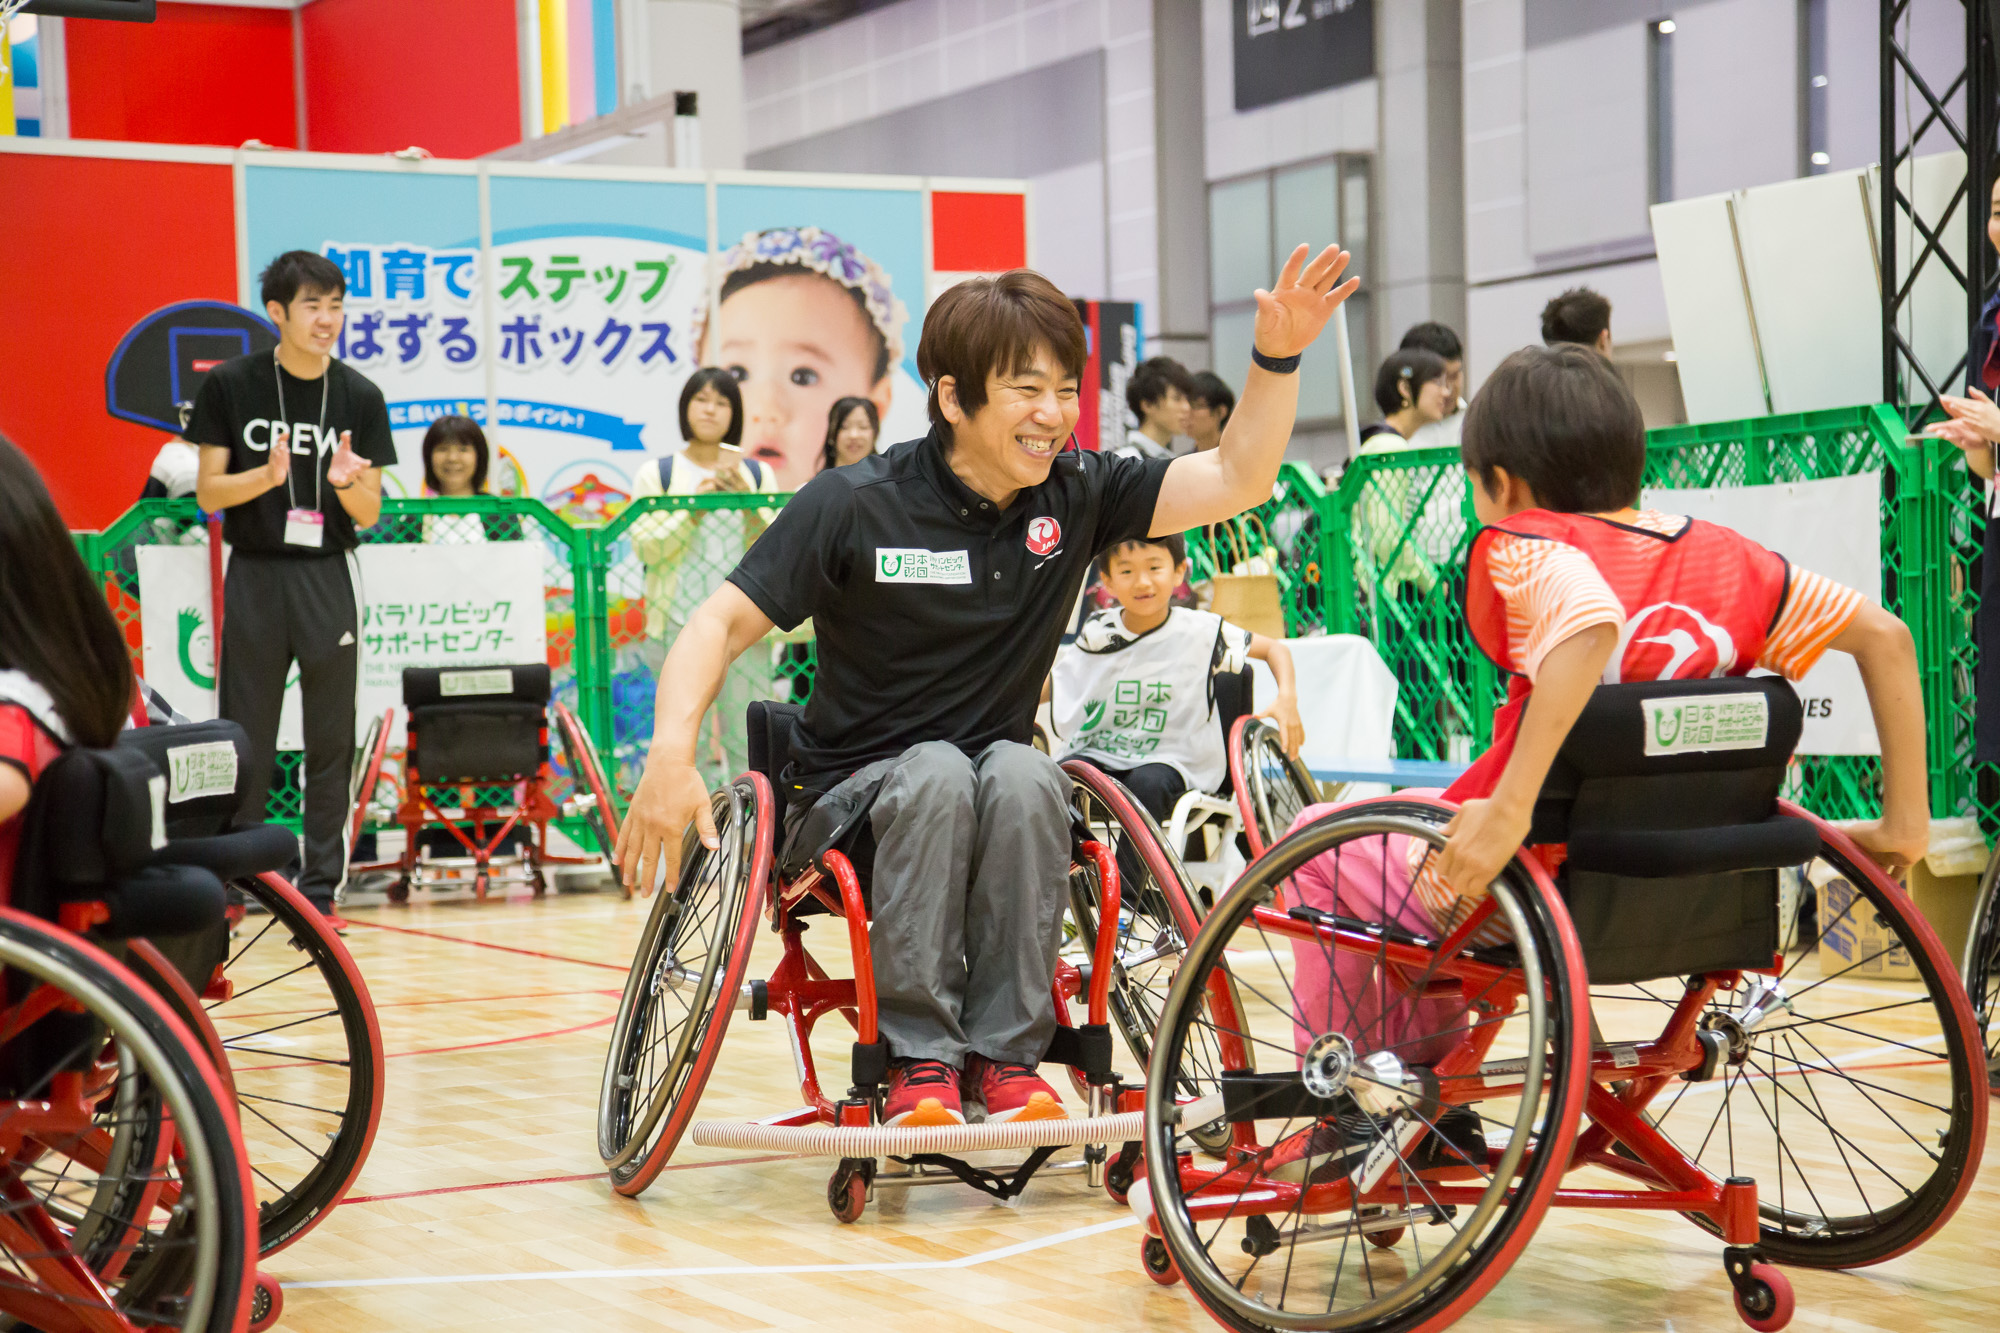 シドニーパラリンピック男子車いすバスケットボール日本代表キャプテン・根木慎志氏と一緒にプレーを楽しむ来場者